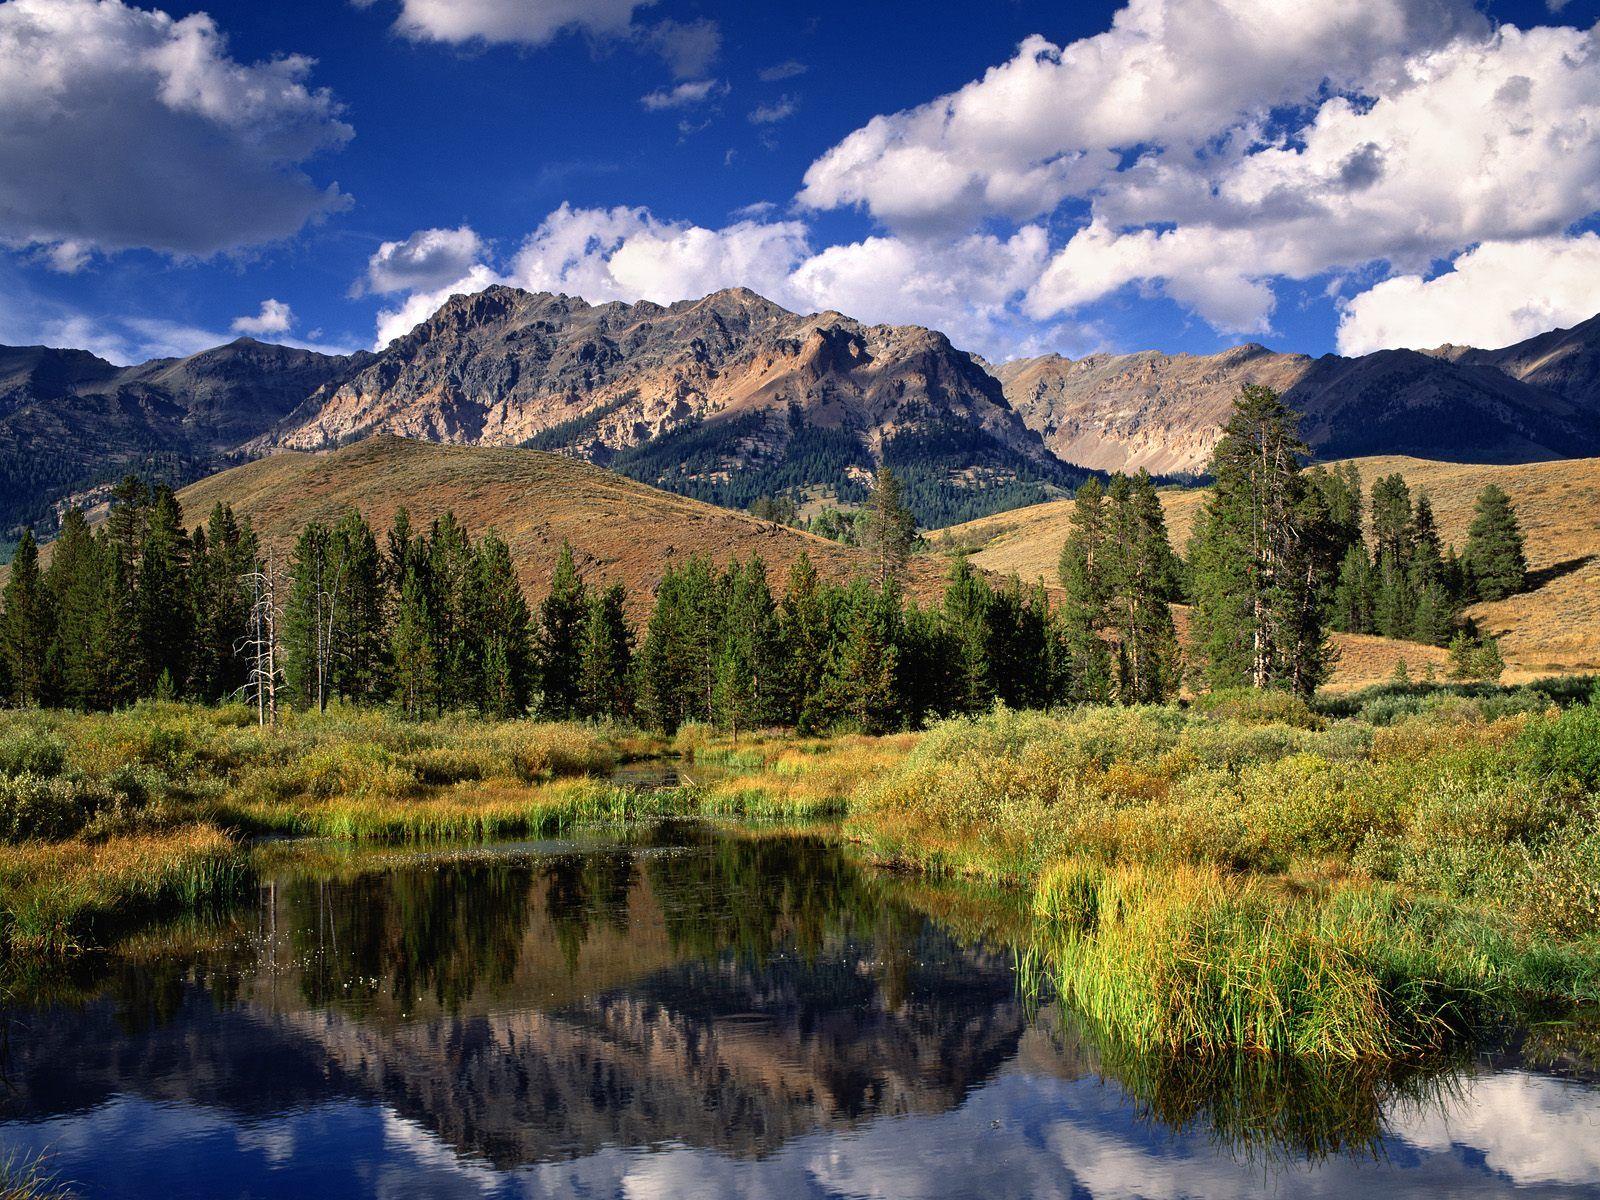 Sjedinjene Američke Države Boulder+Mountains%252C+Idaho